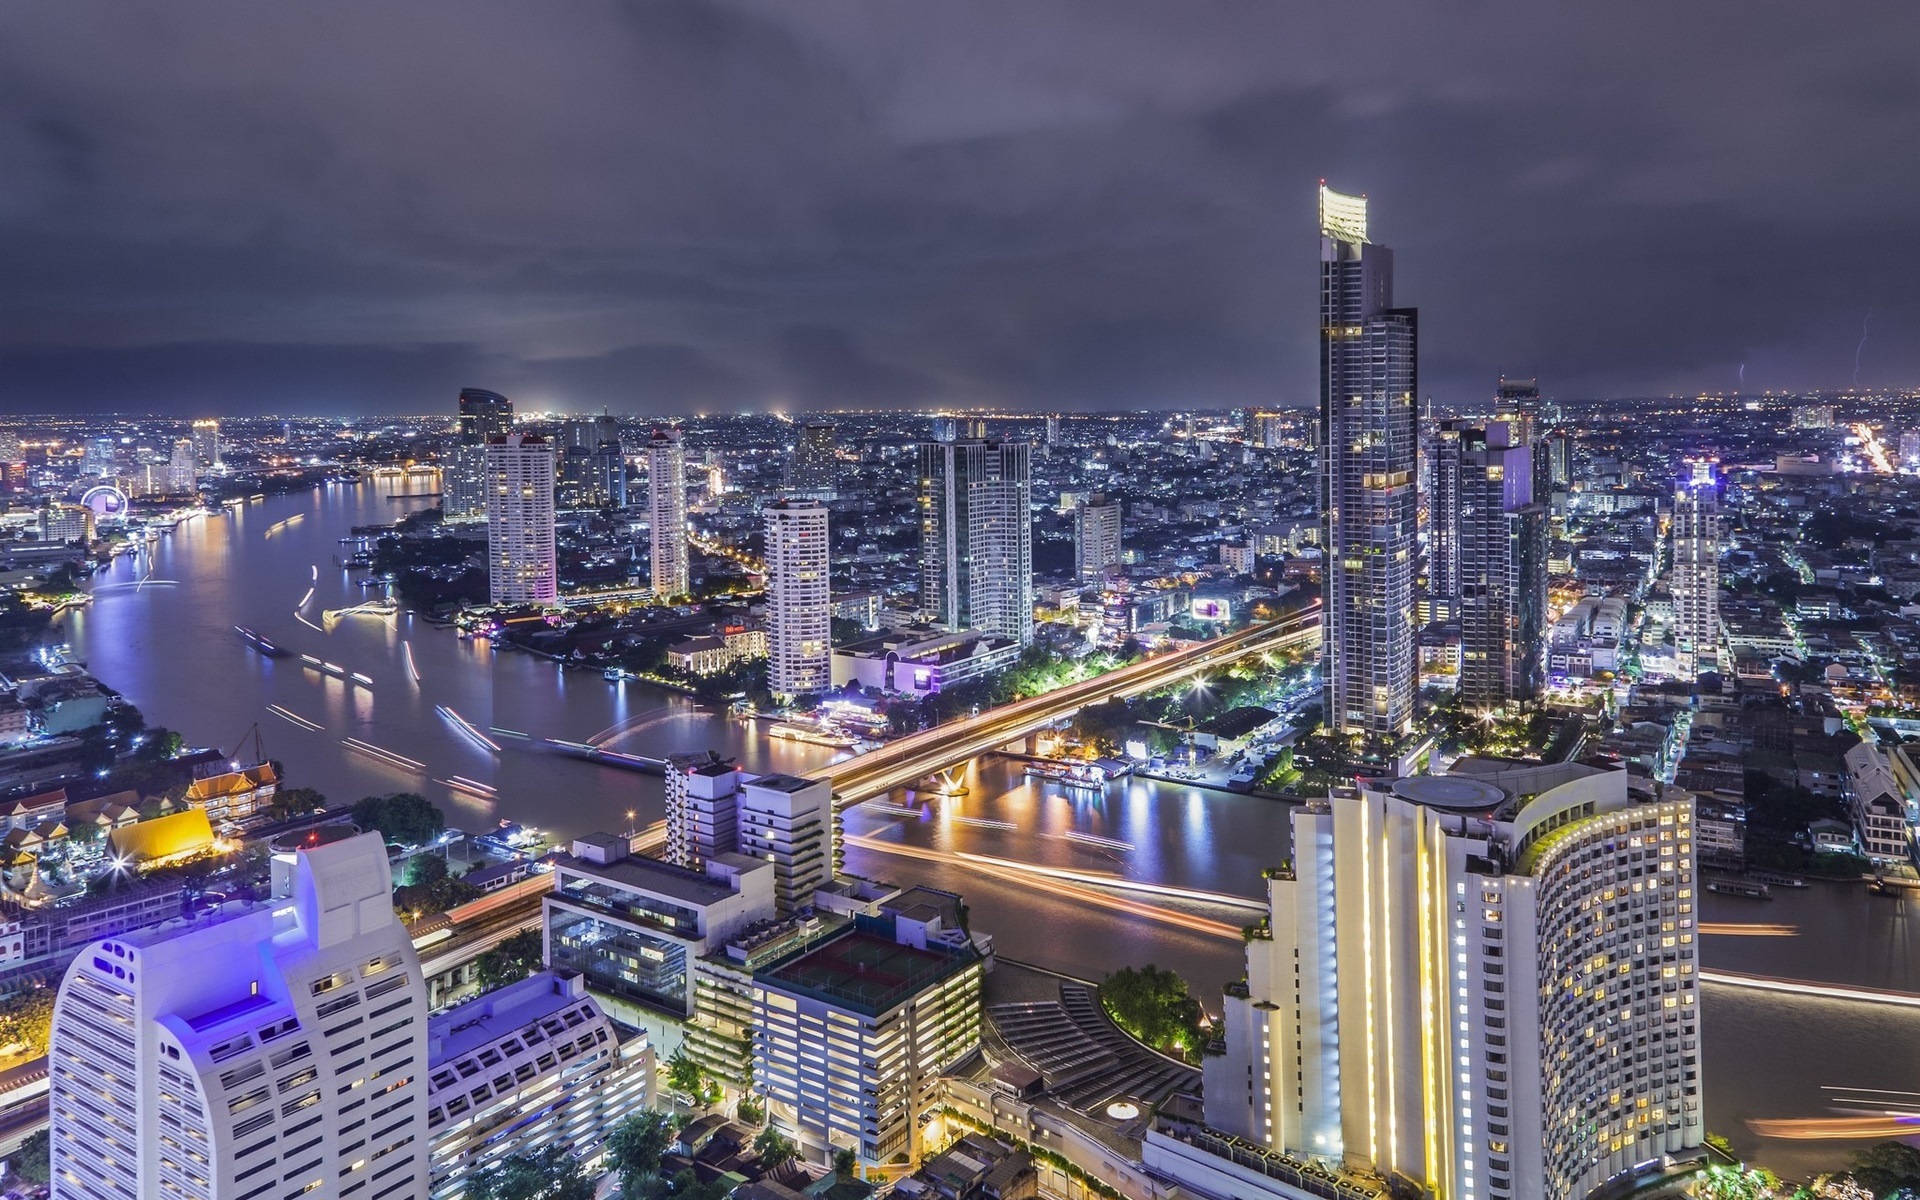 откровенные фотографии город фото тайланде стал настоящим украшением